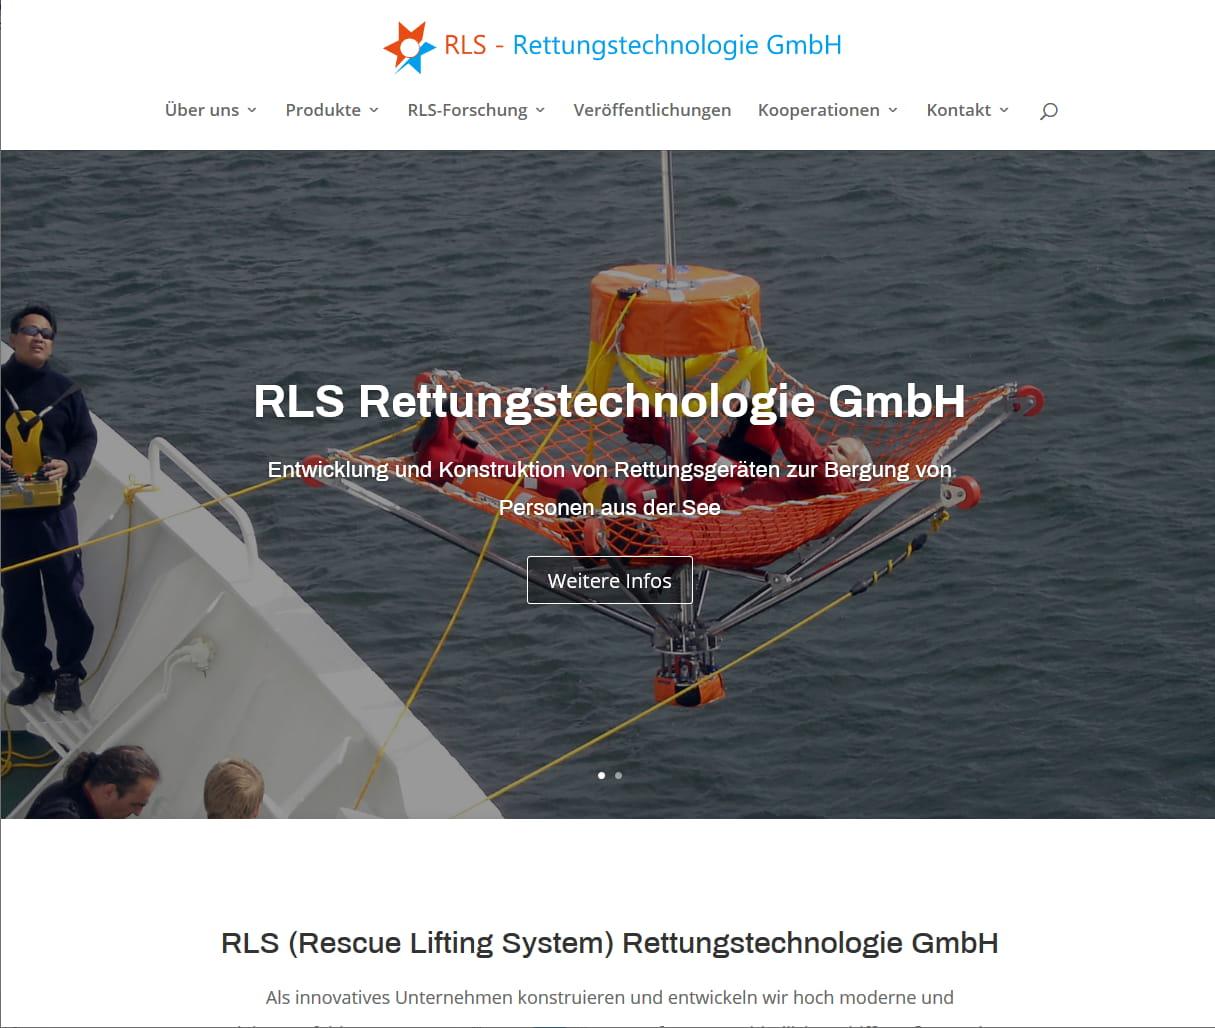 Wordpress Website Responsive - RLS Rettungstechnologie GmbH